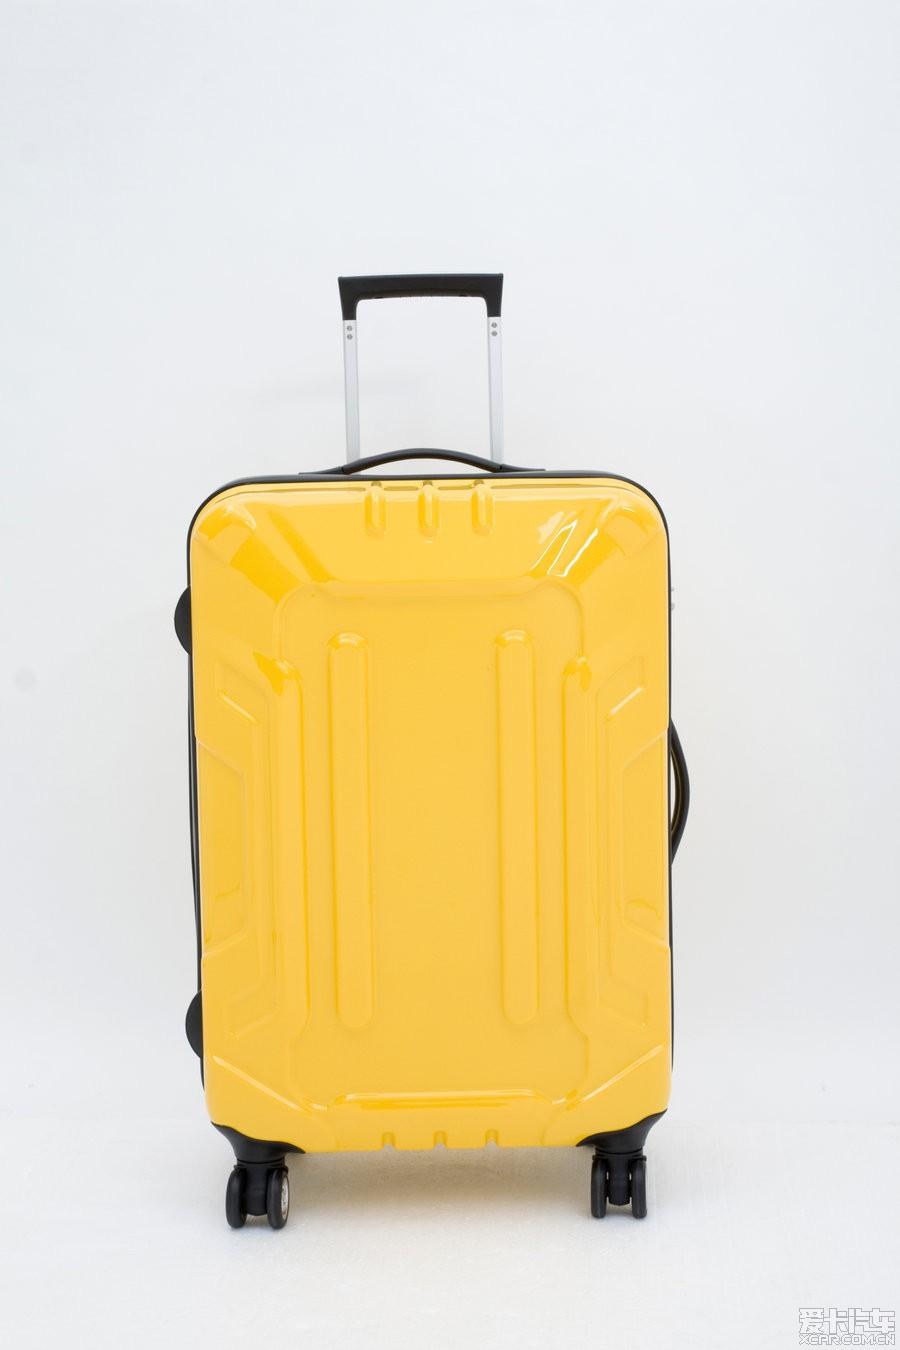 出居家旅行必备物品,版主留情_跳蚤市场_物品